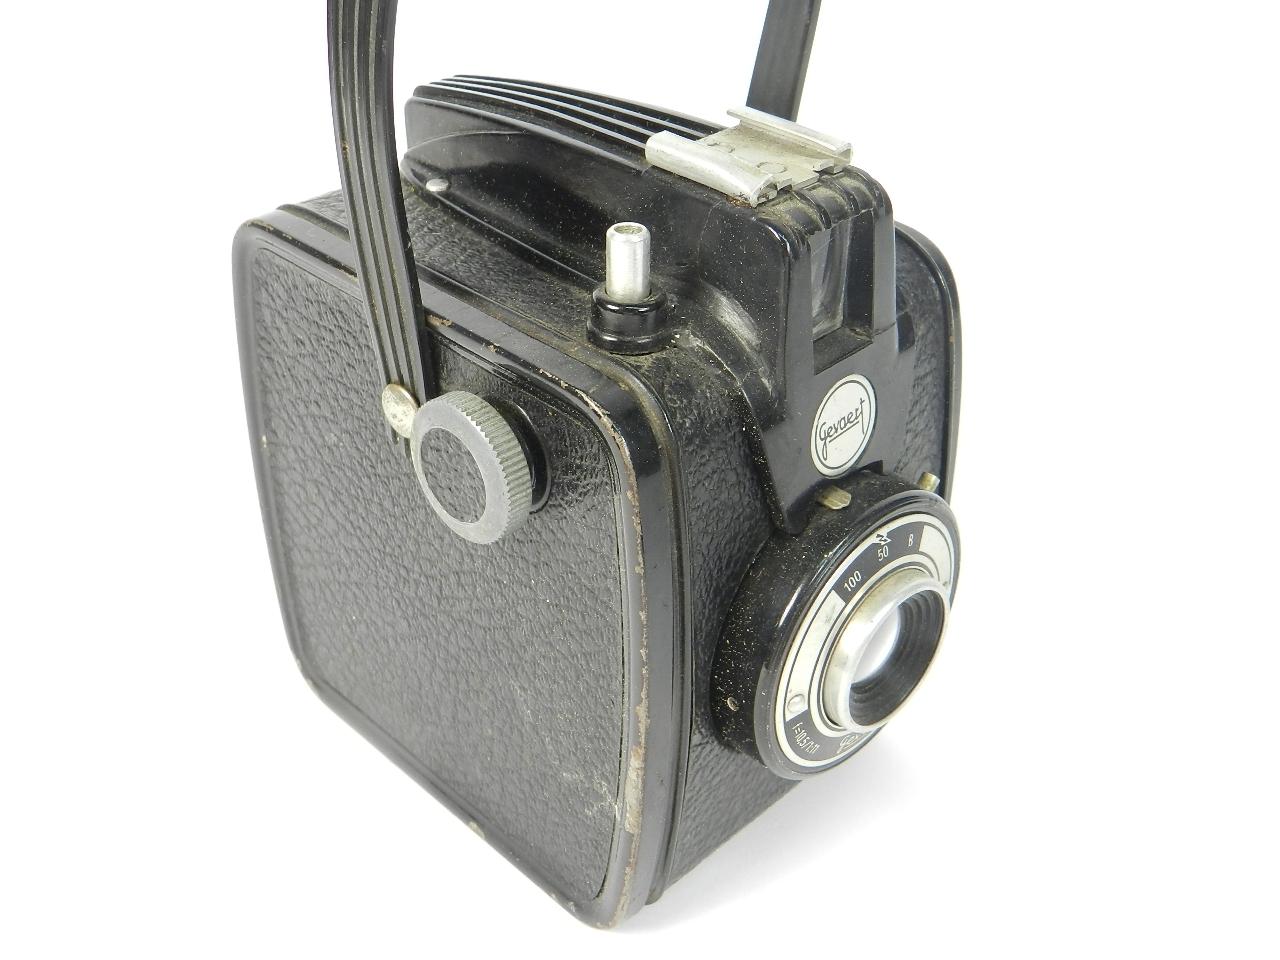 Imagen GEVAERT GEVABOX AÑO 1950 37905